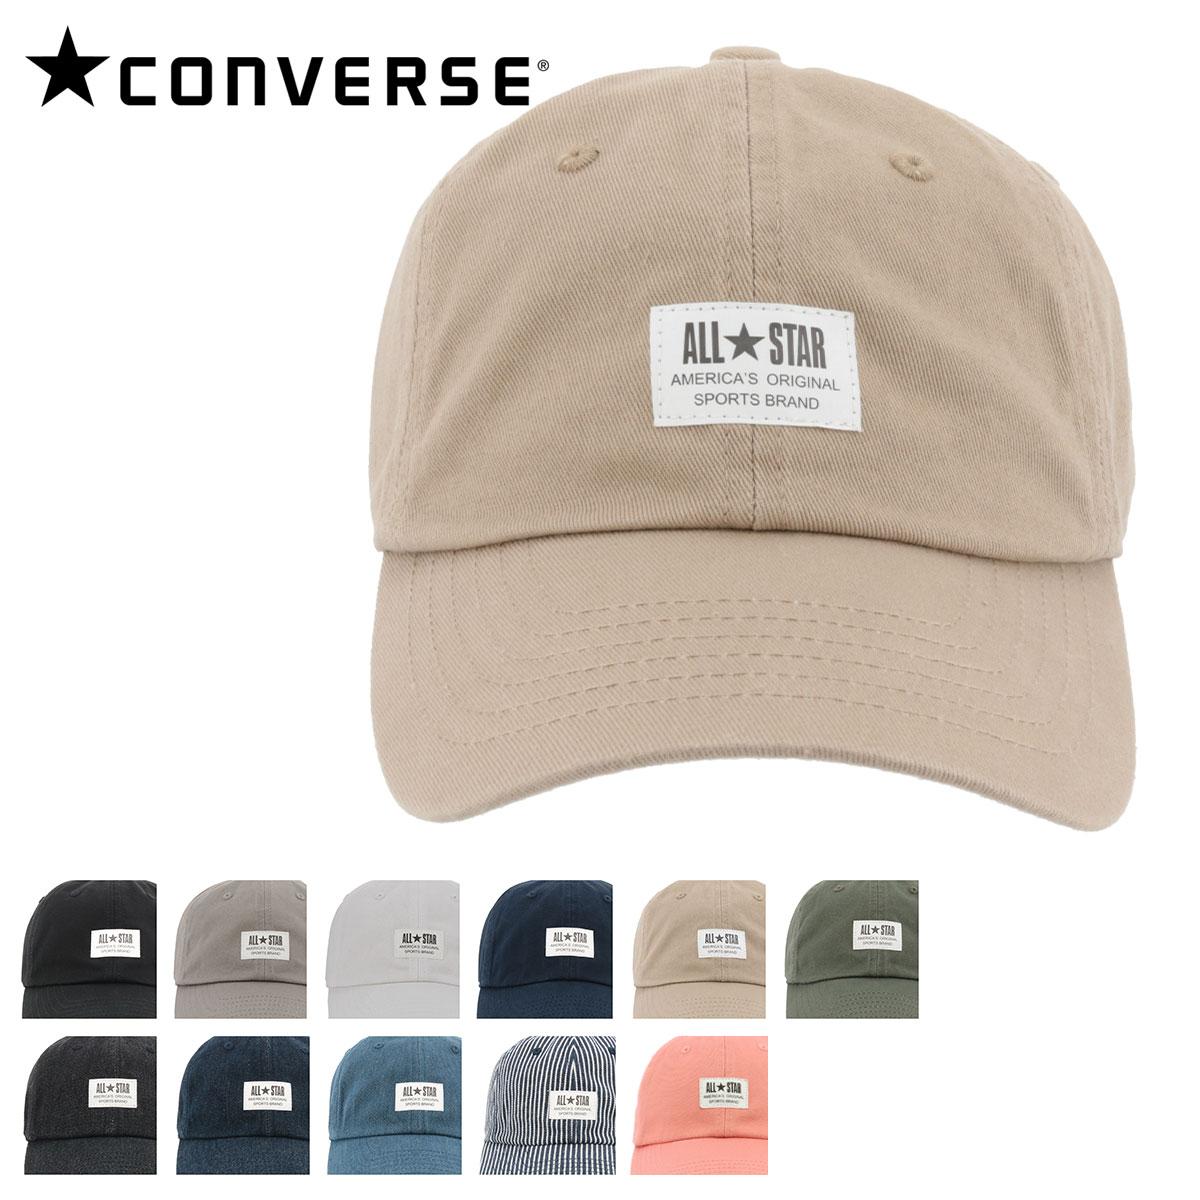 コンバース キャップ 187112702 CONVERSE 帽子 ローキャップ フロントパッチ コットン レディース メンズ[bef][即日発送]